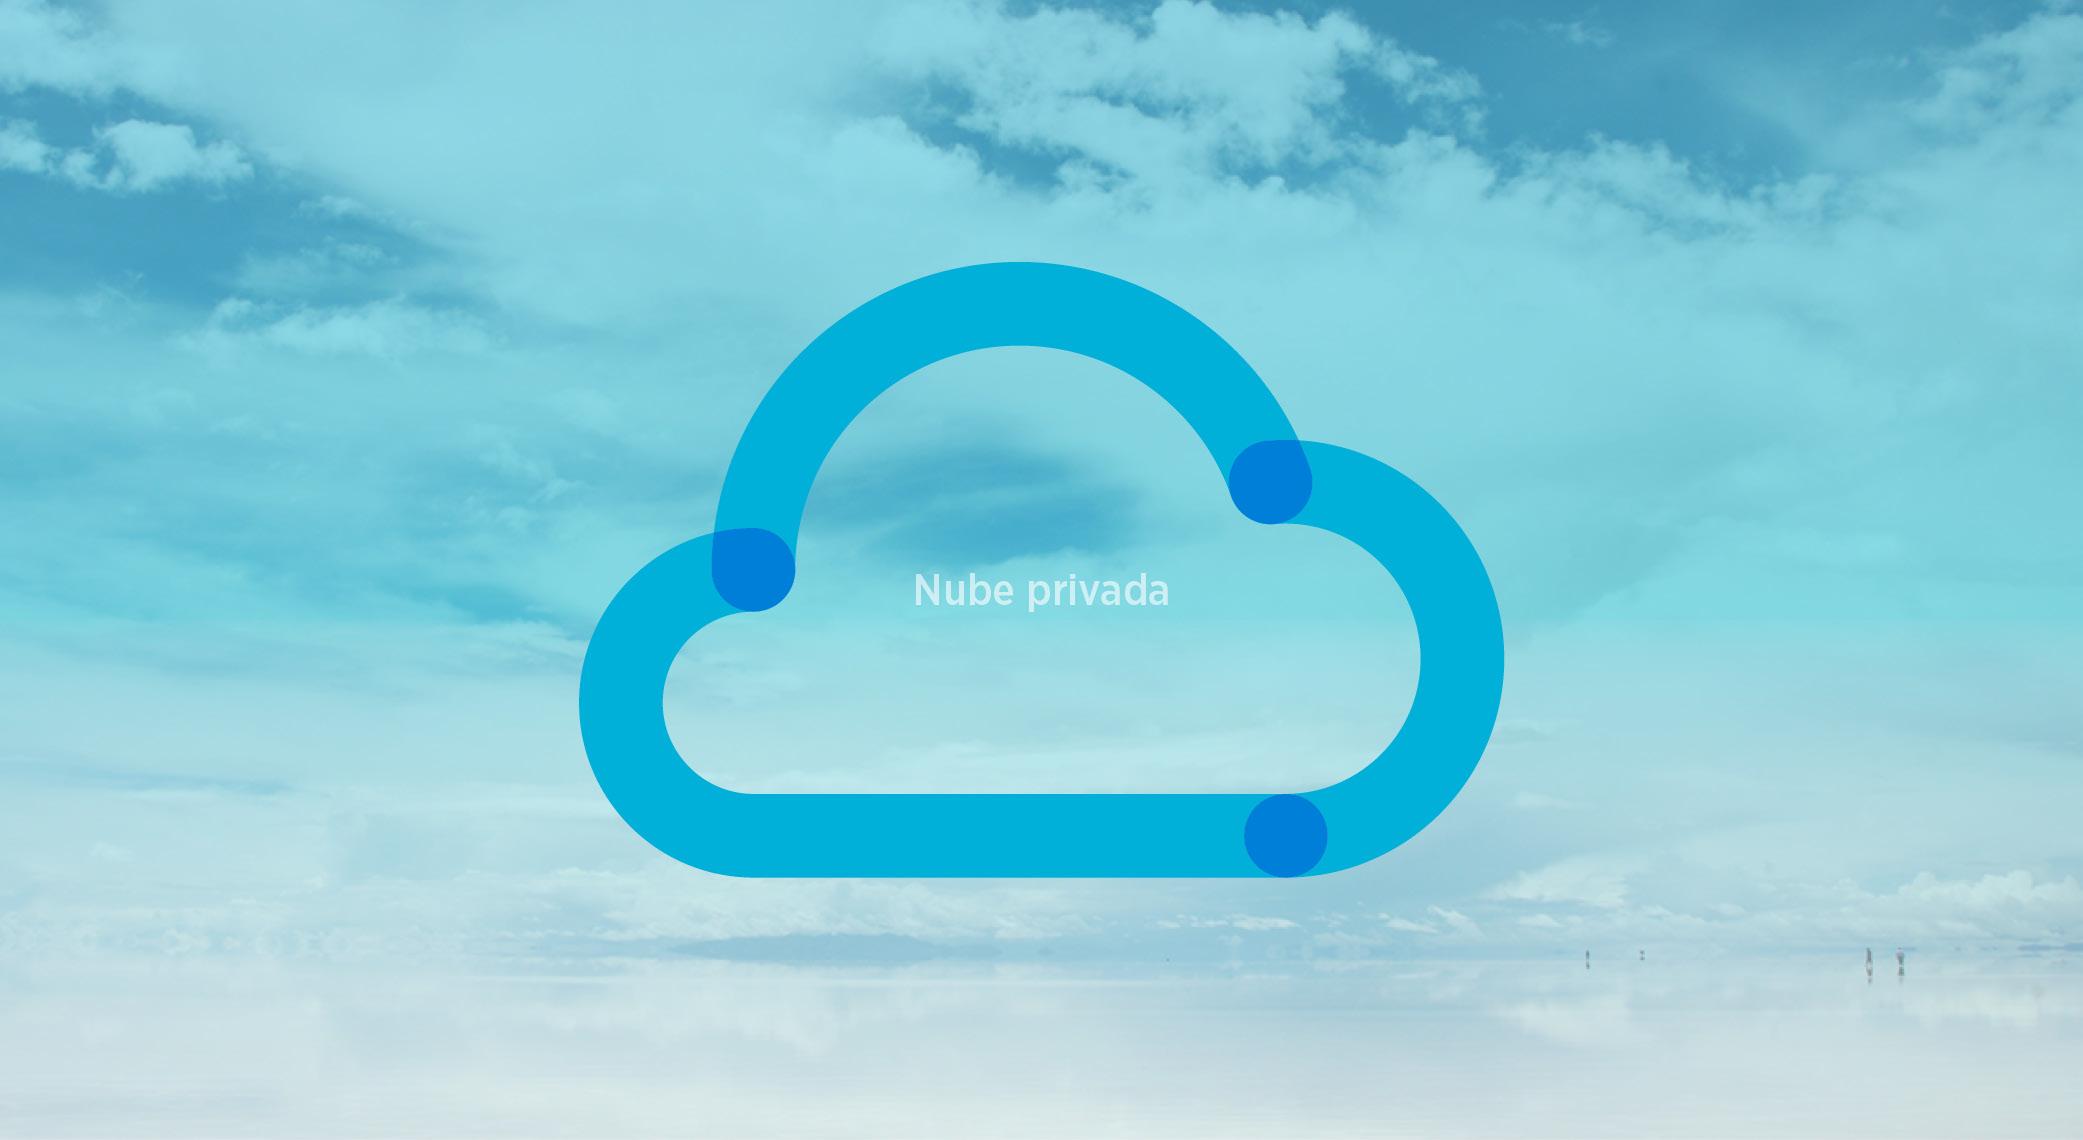 Tipo de nube-Nube privada